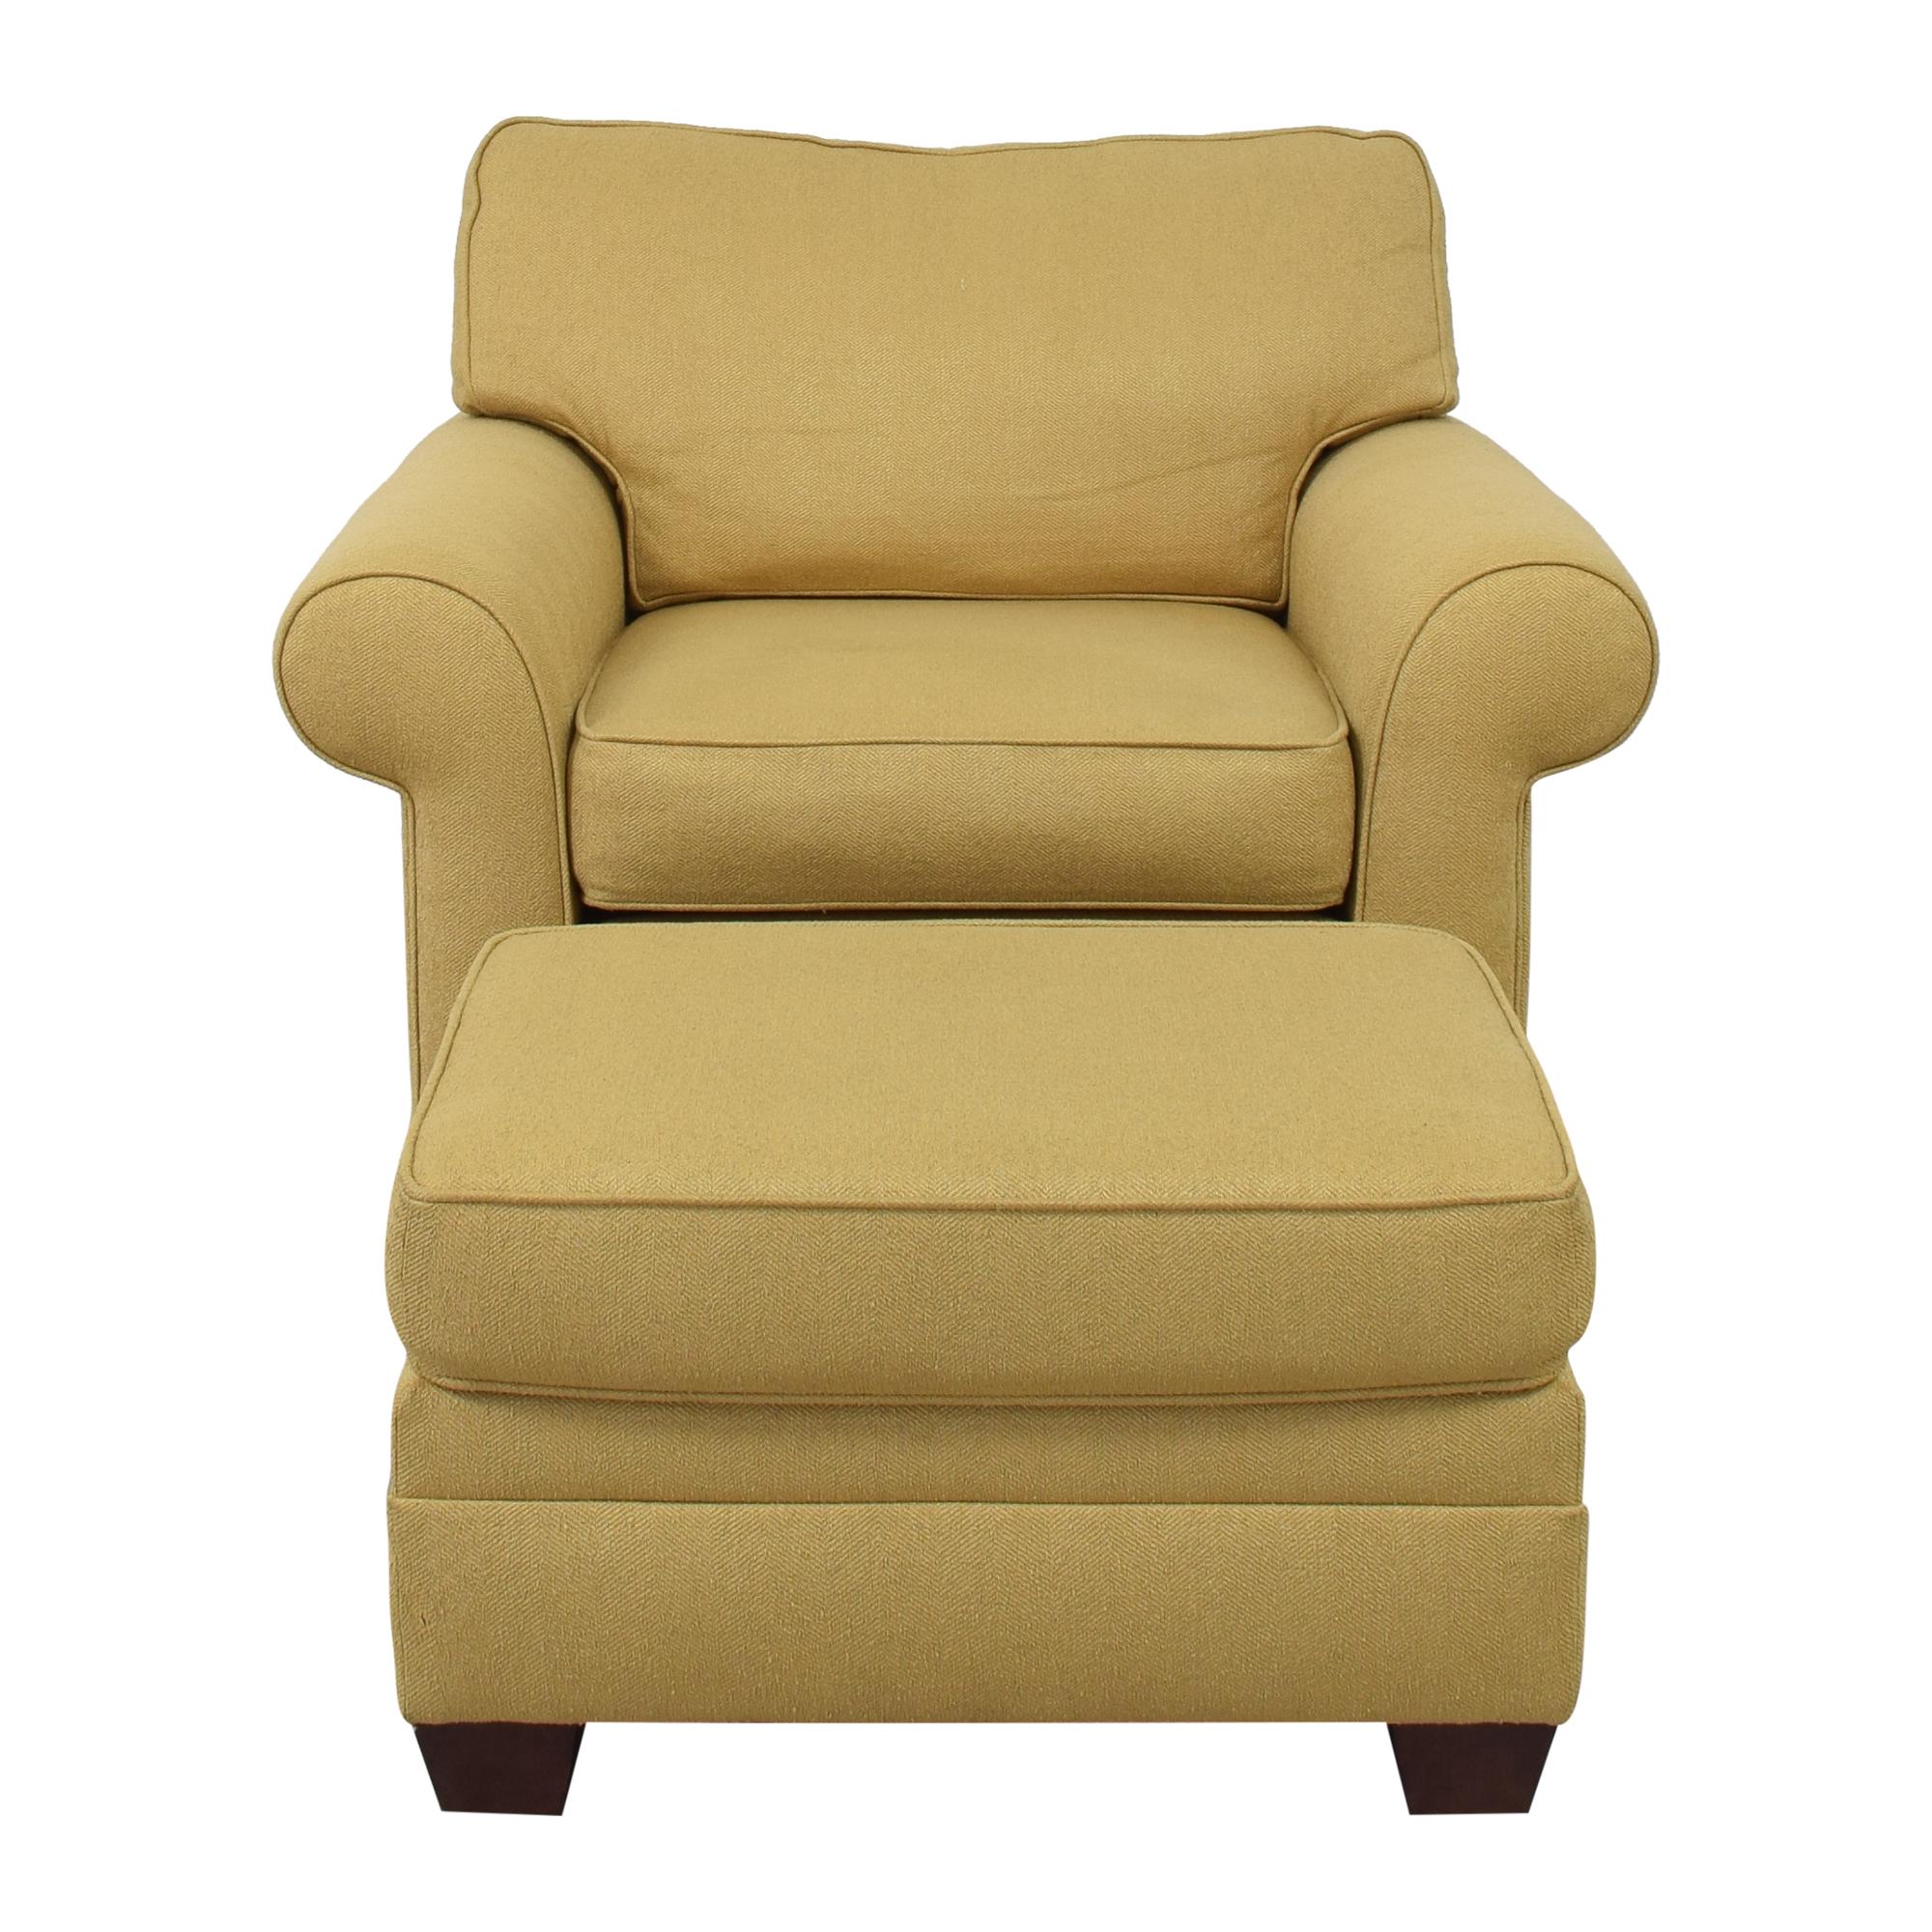 Ethan Allen Ethan Allen Bennett Roll Arm Chair with Ottoman nj